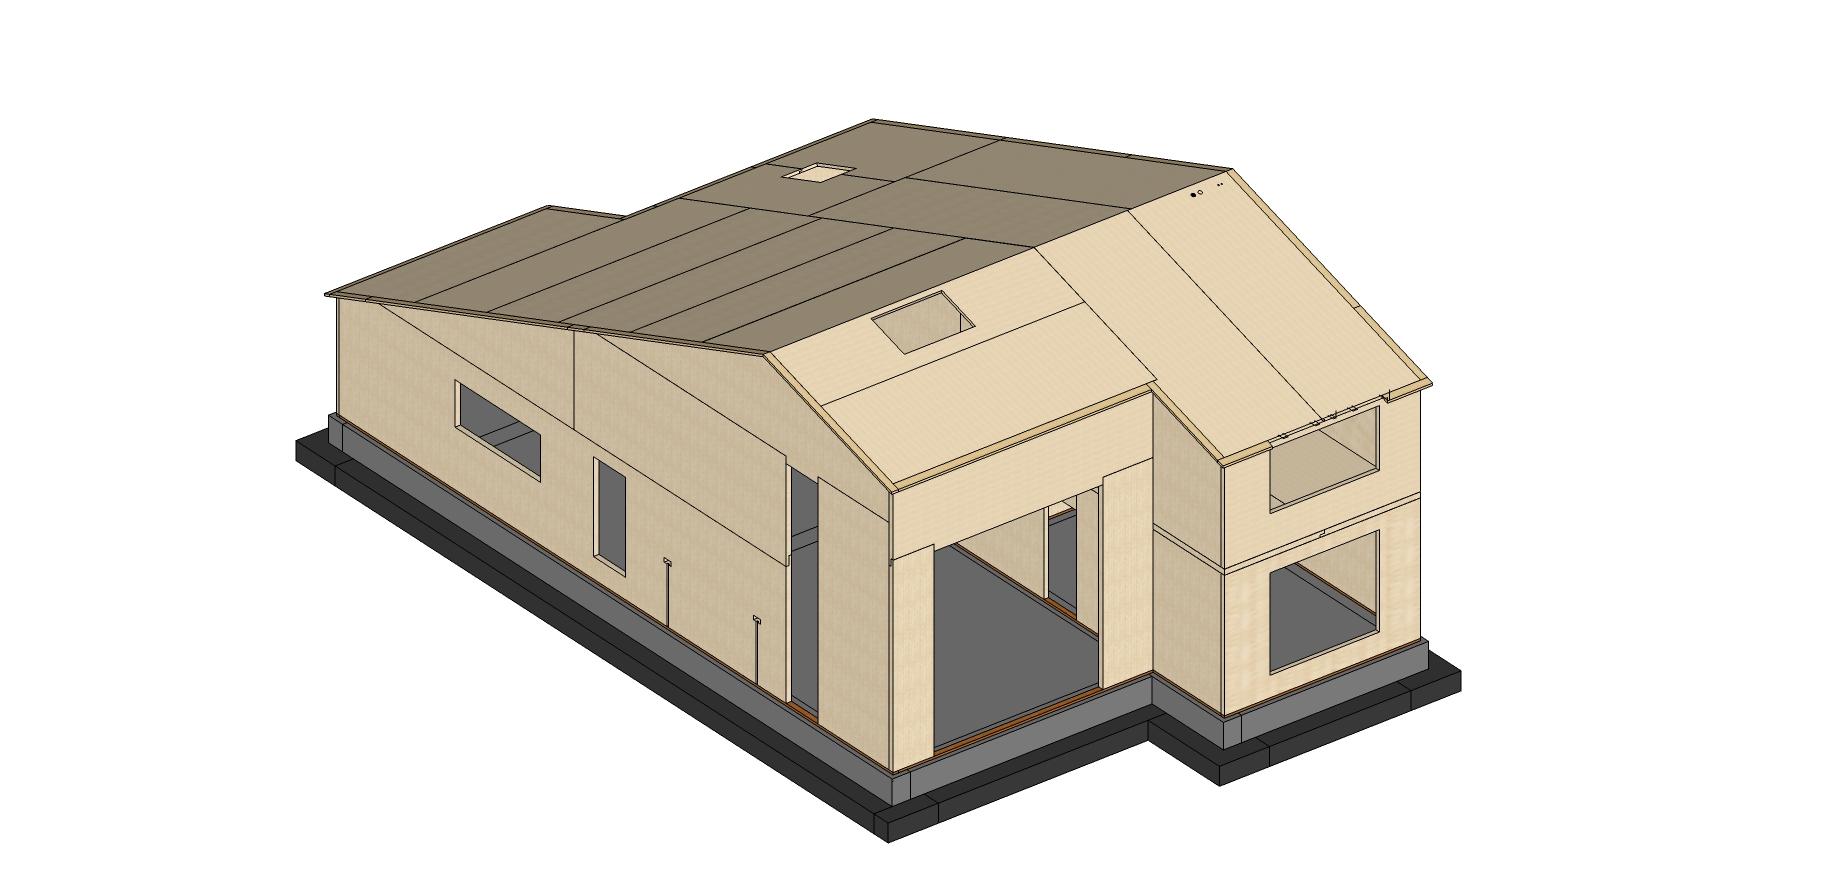 #casabuhnici - De ce să construiești cu lemn